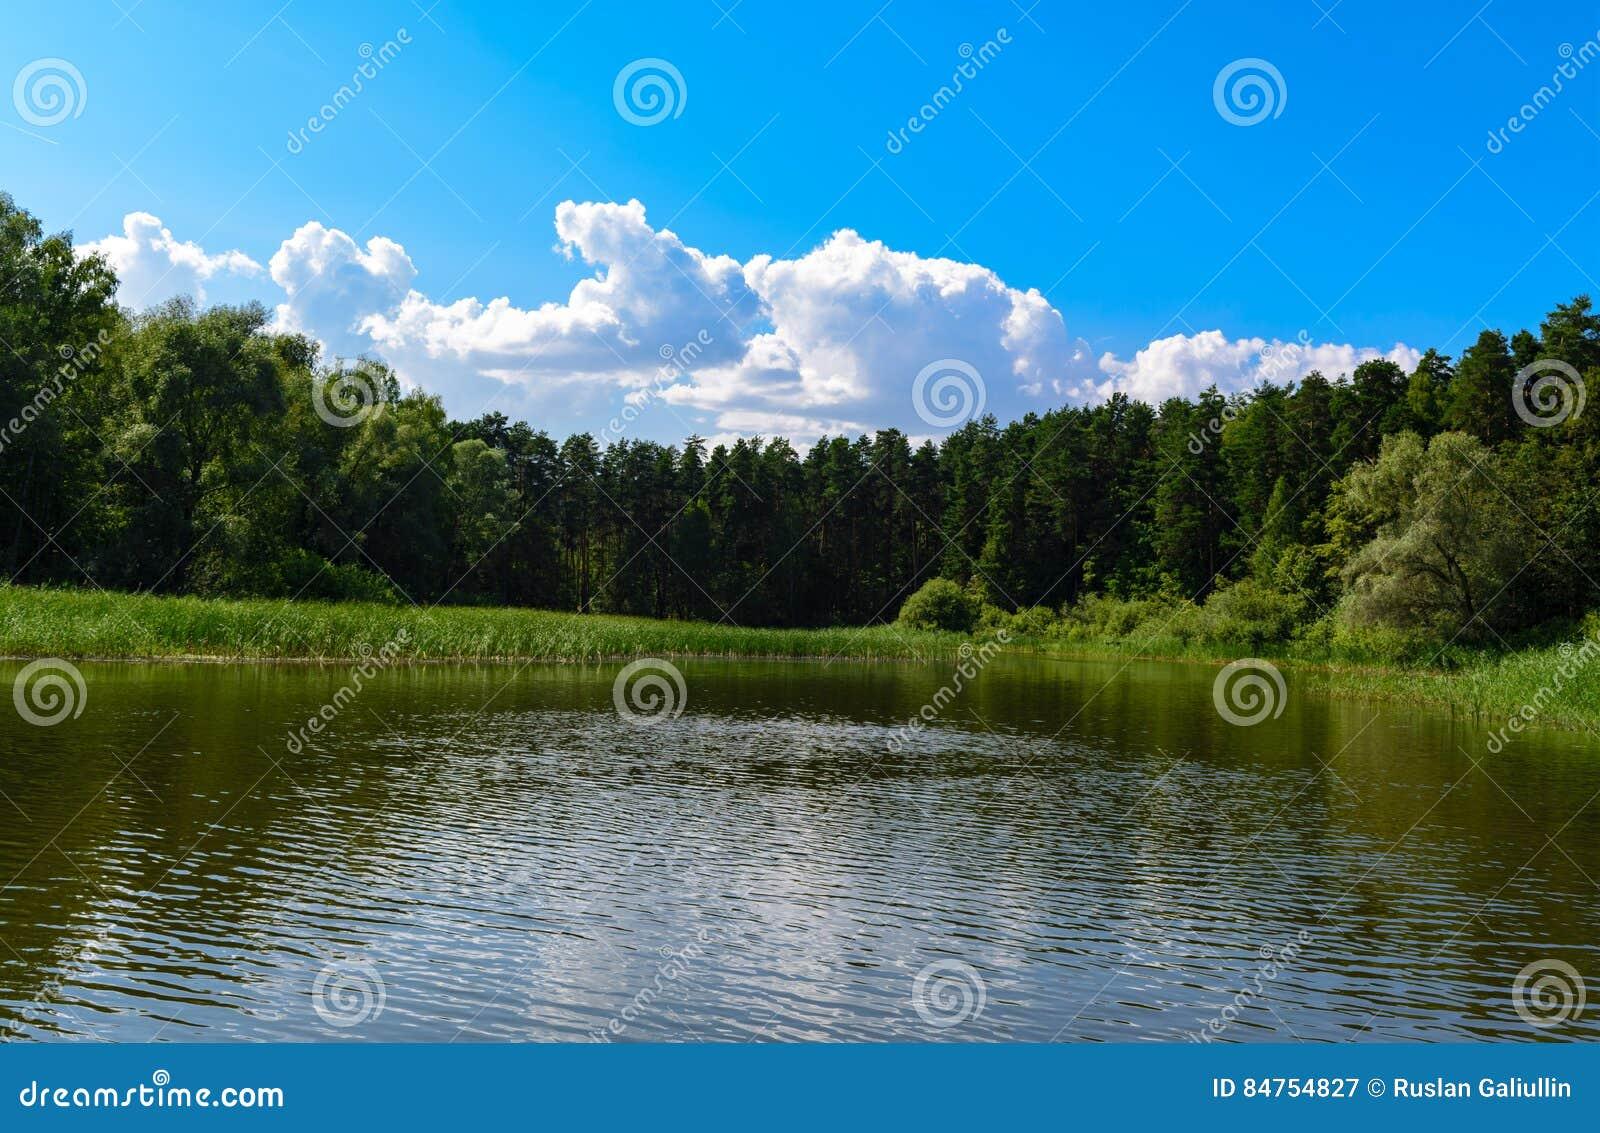 Schöne Landschaft mit blauem Himmel und weißen Wolken reflektierte sich im klaren Flusswasser Sommer idyllisch